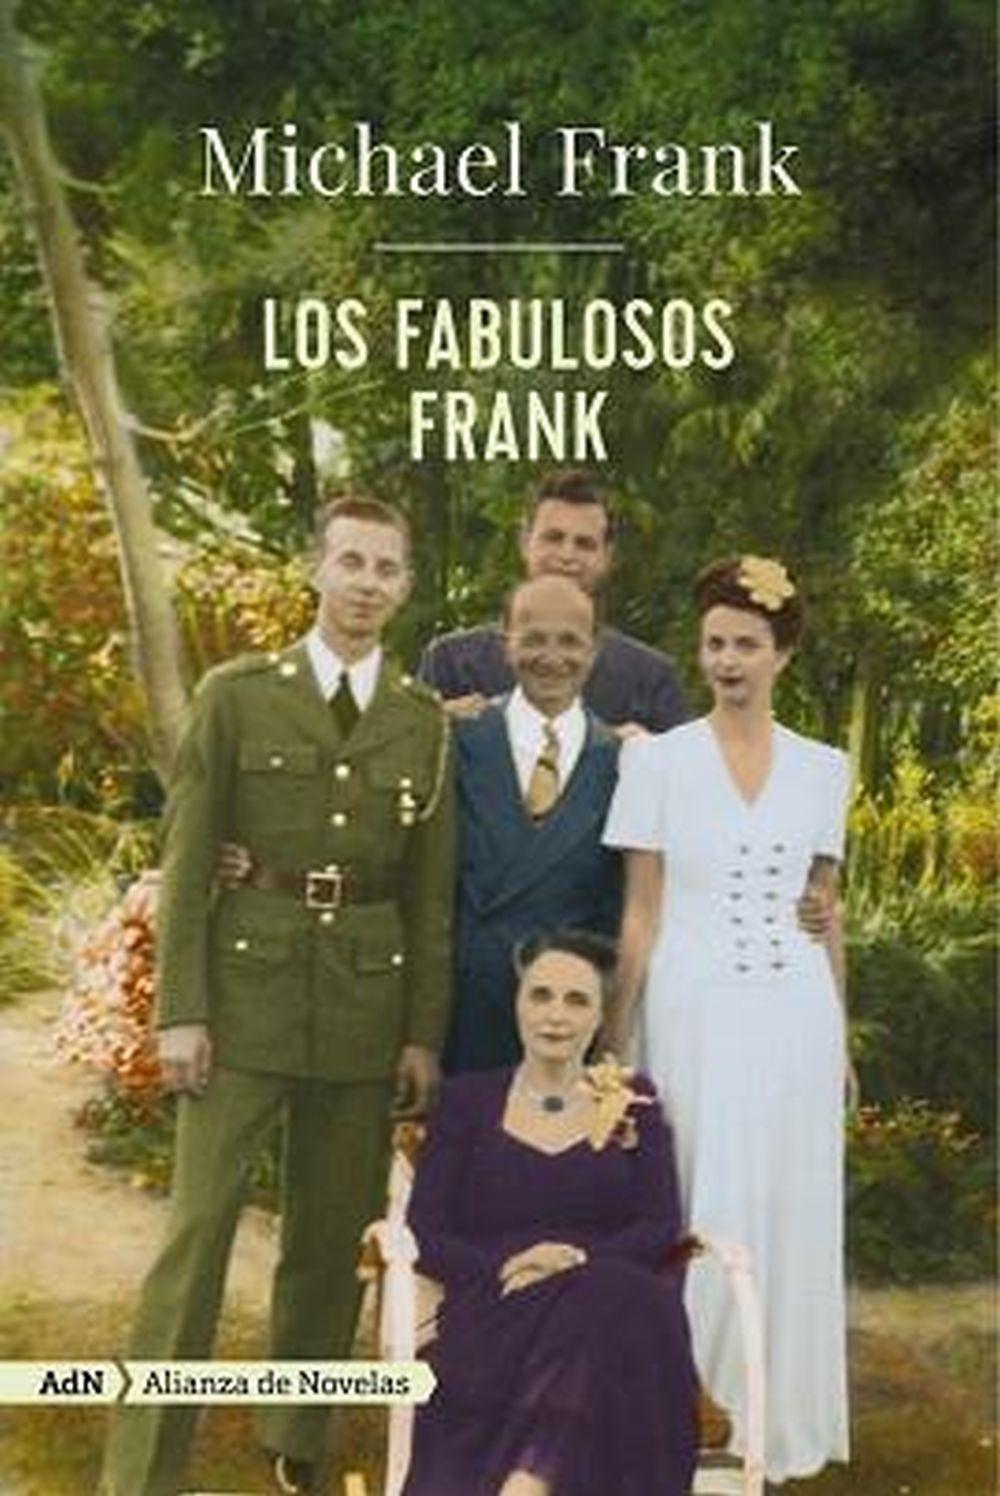 Los fabulosos Frank